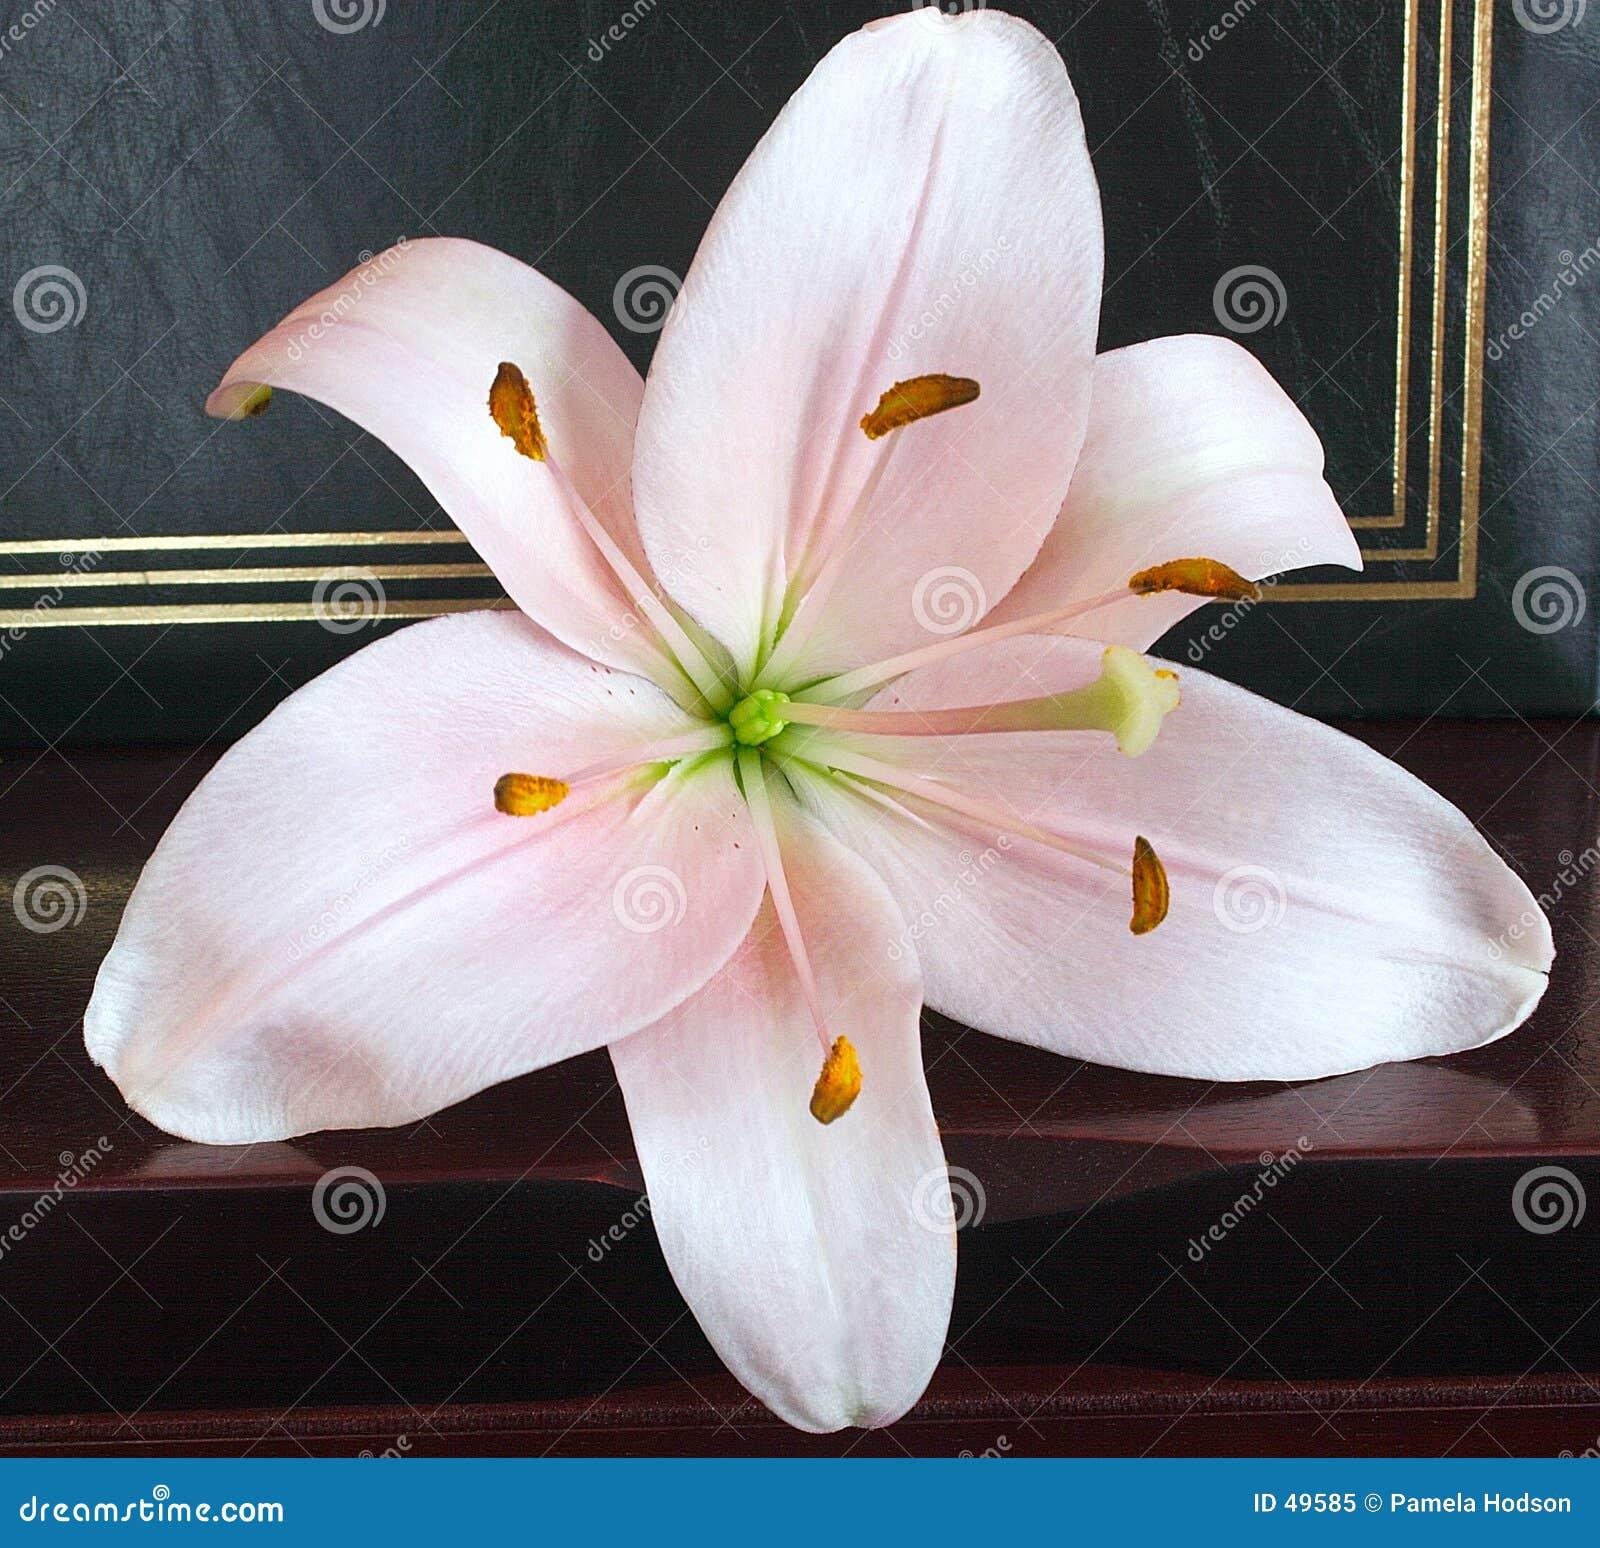 Lily jest różowa miękka